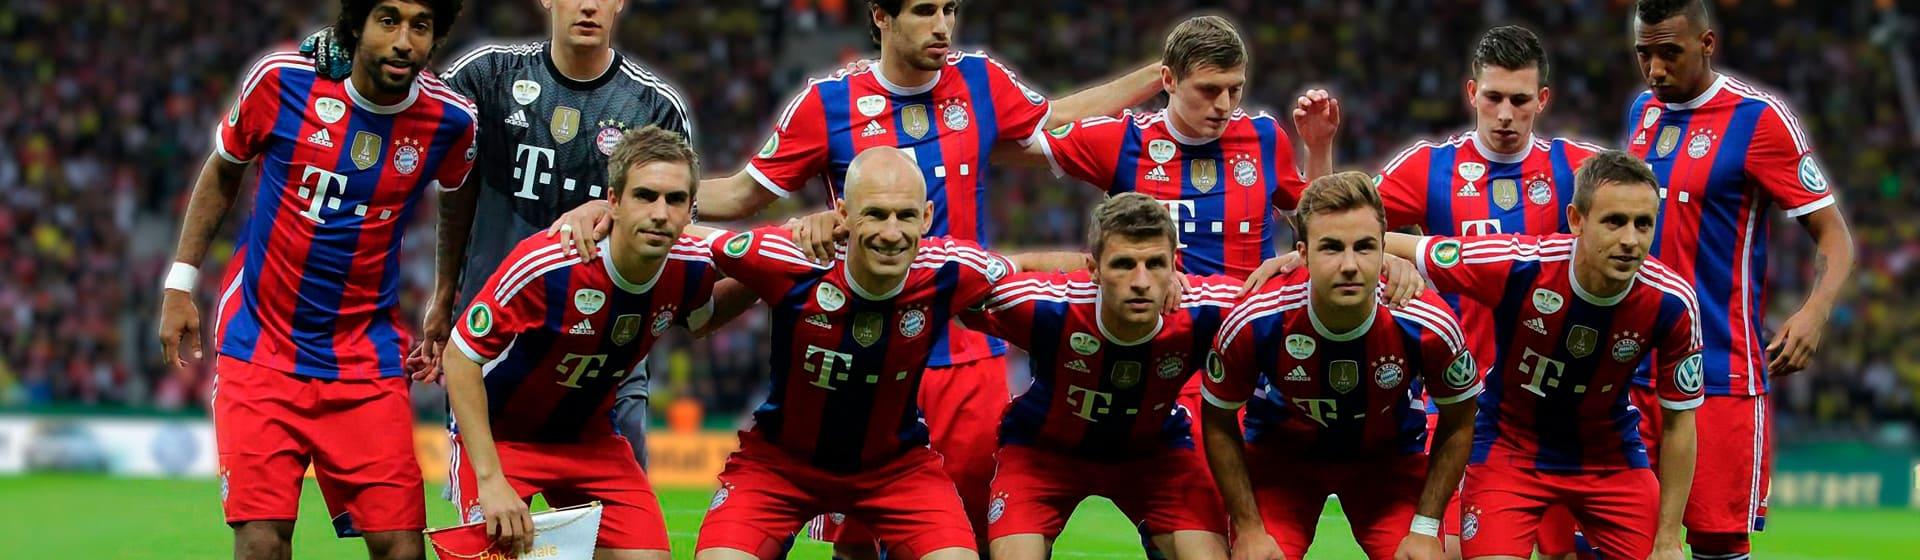 FC Bayern Munchen - Женские свитшоты